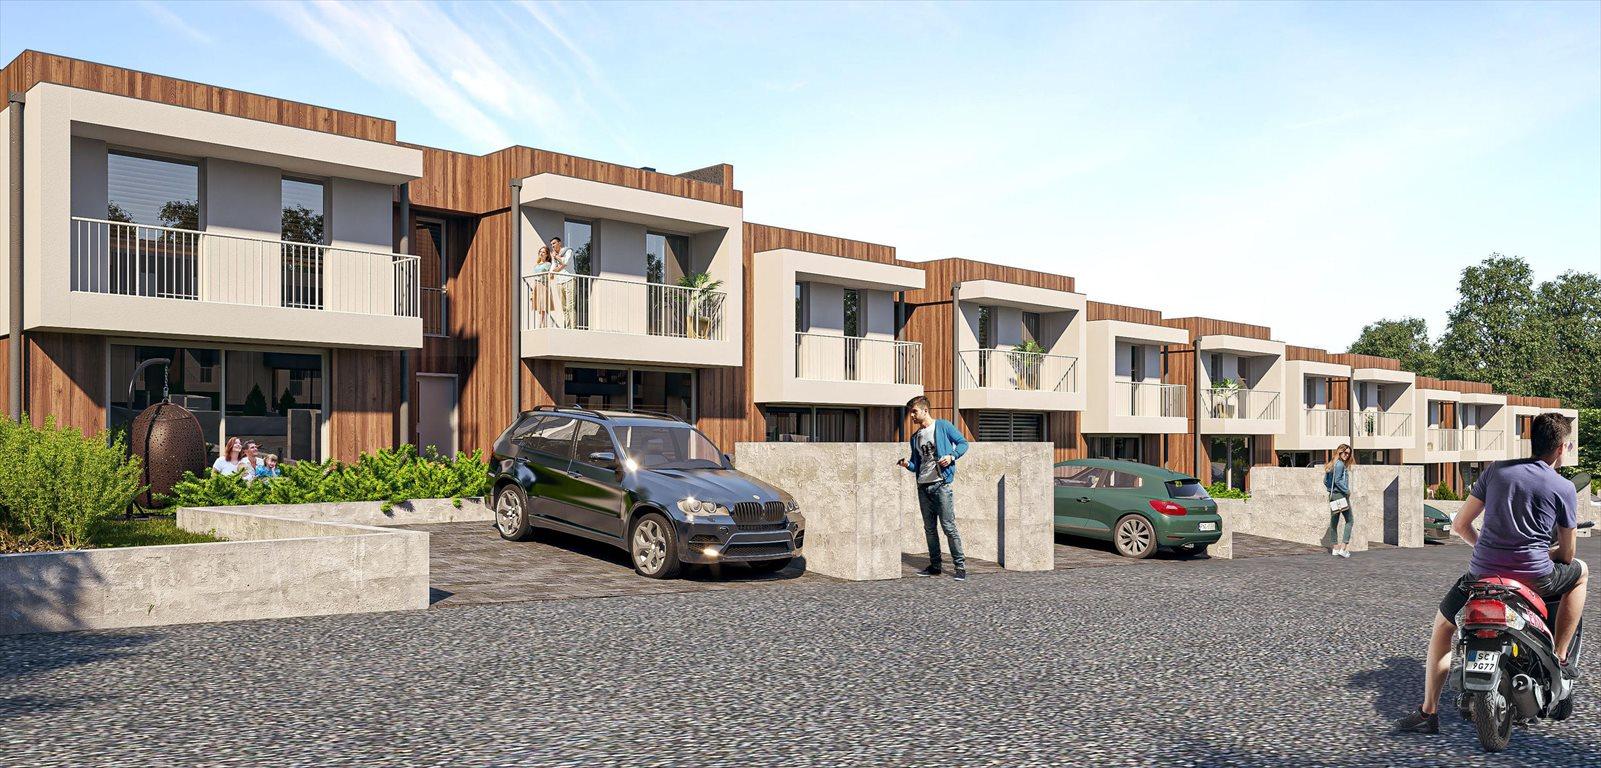 Mieszkanie trzypokojowe na sprzedaż Białystok, Bagnówka, ul. Józefa Karola Puchalskiego  64m2 Foto 1